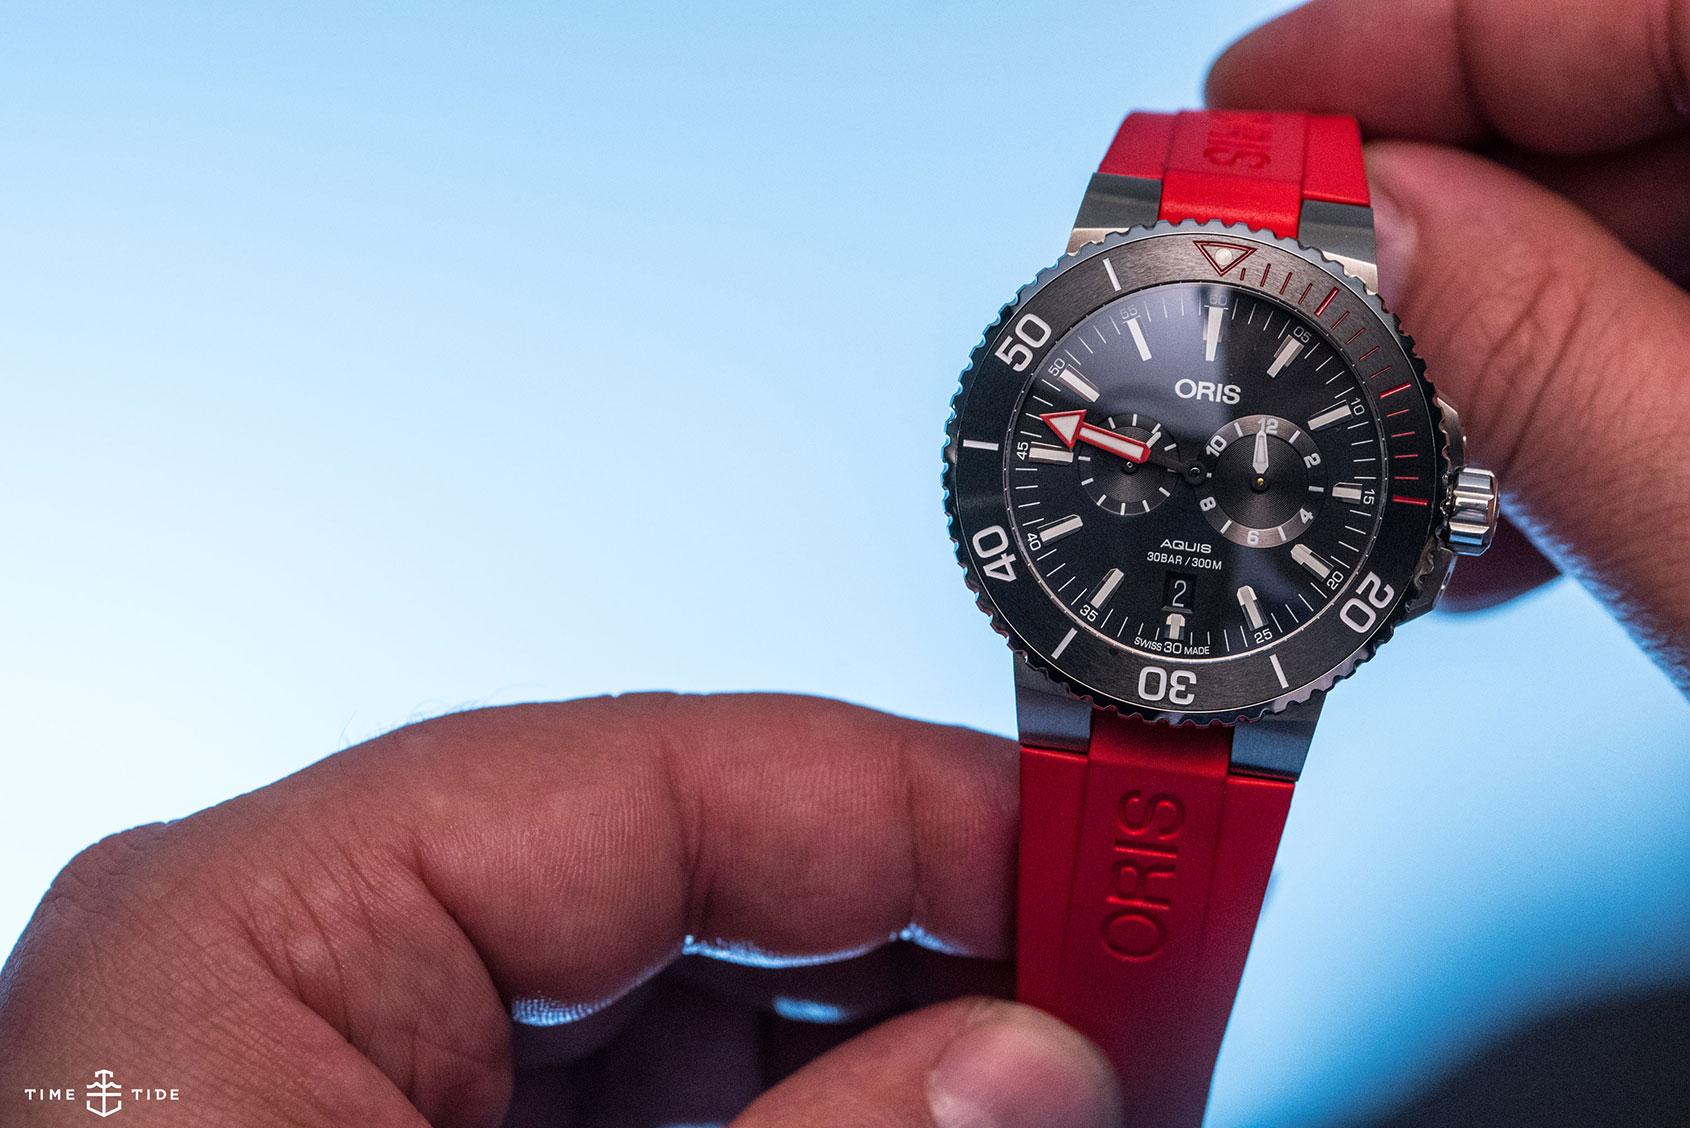 INTRODUCING: A different kind of dive watch – the Oris Regulateur 'Der Meistertaucher'